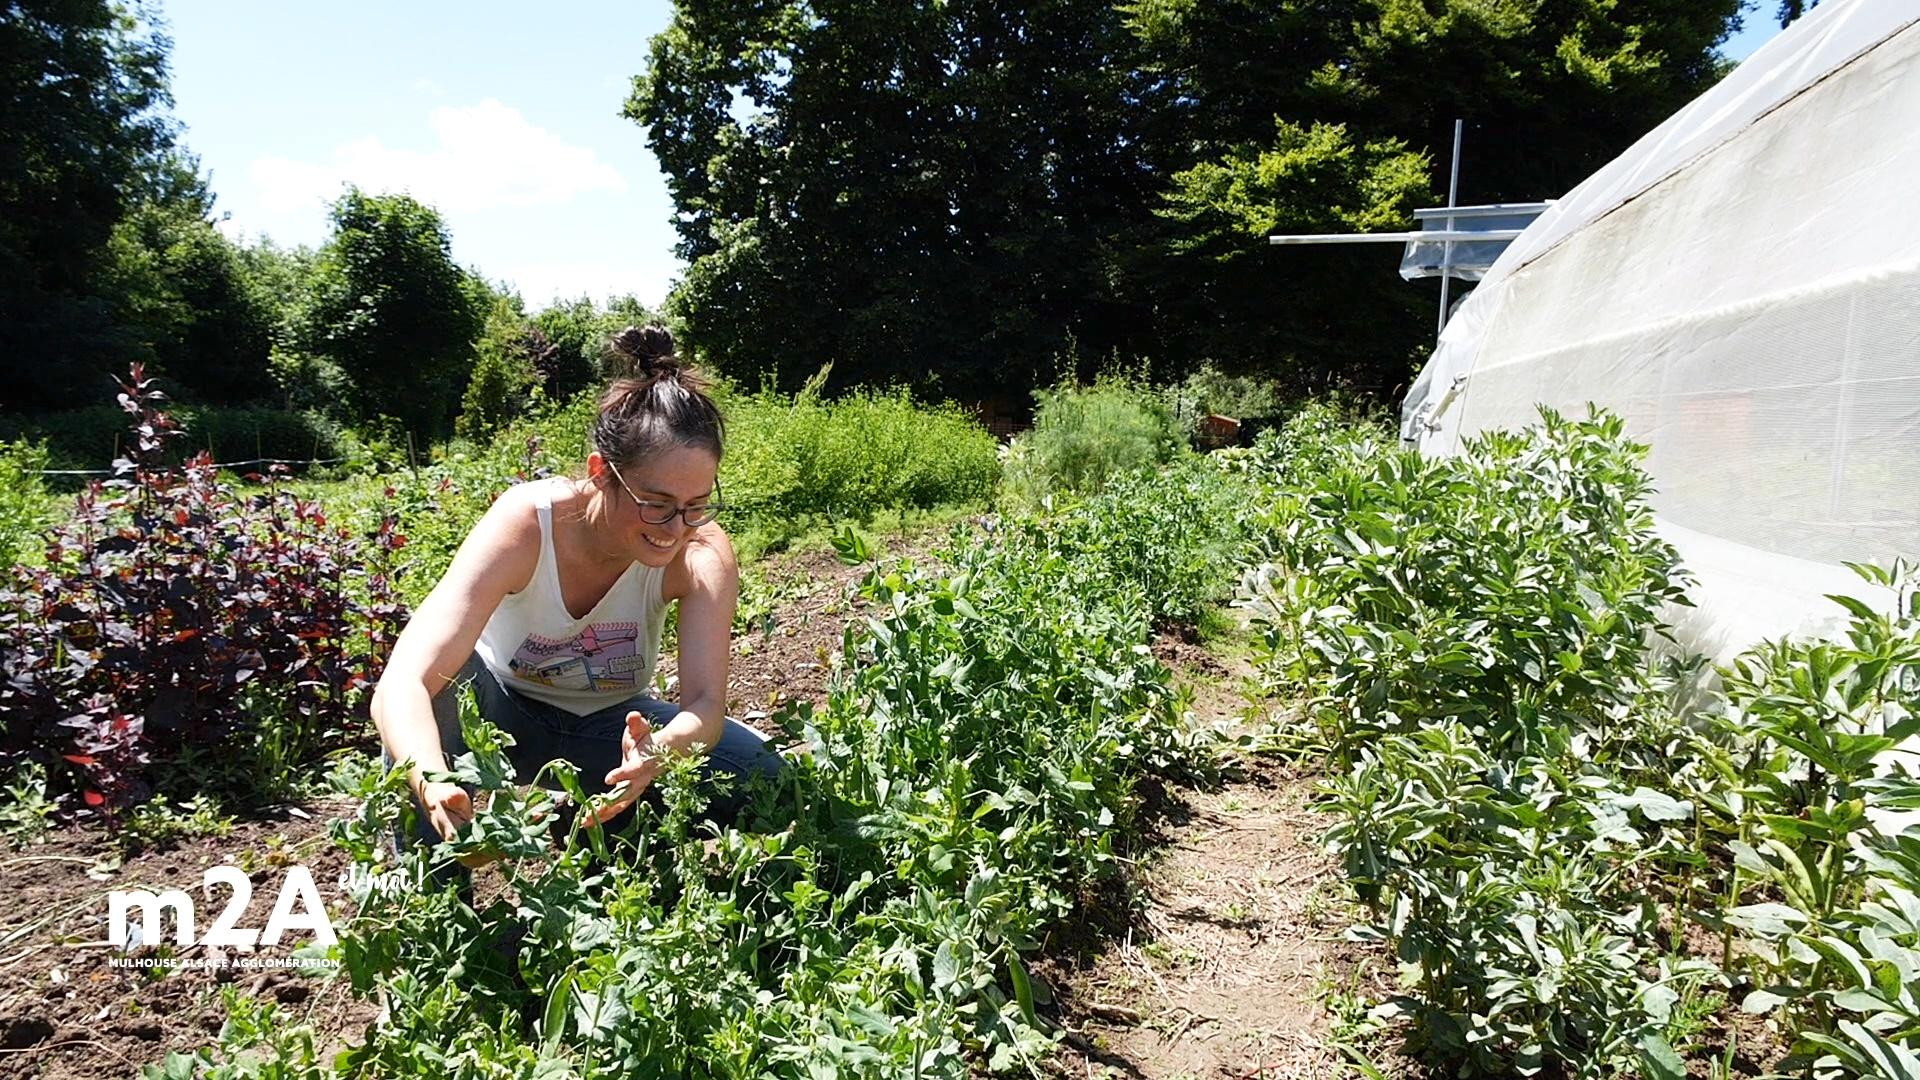 webserie-flaxlanden-Line-schurrer-innatendu-jardin